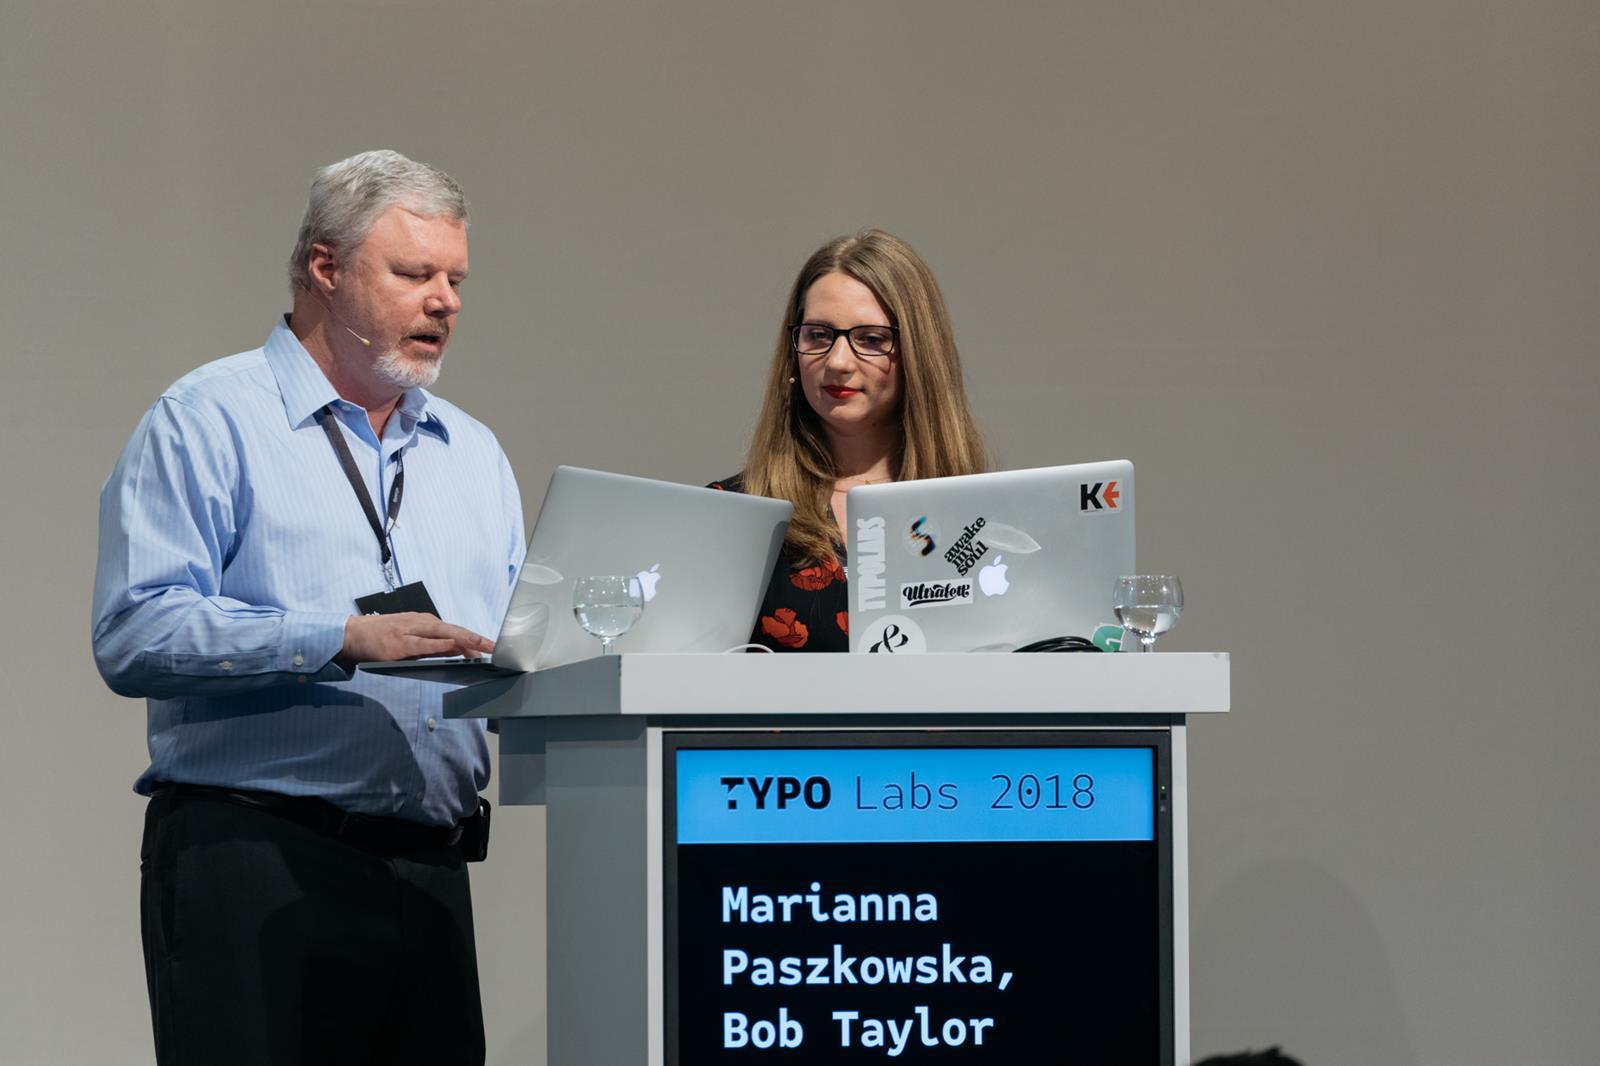 Marianna Paszkowska & Bob Taylor